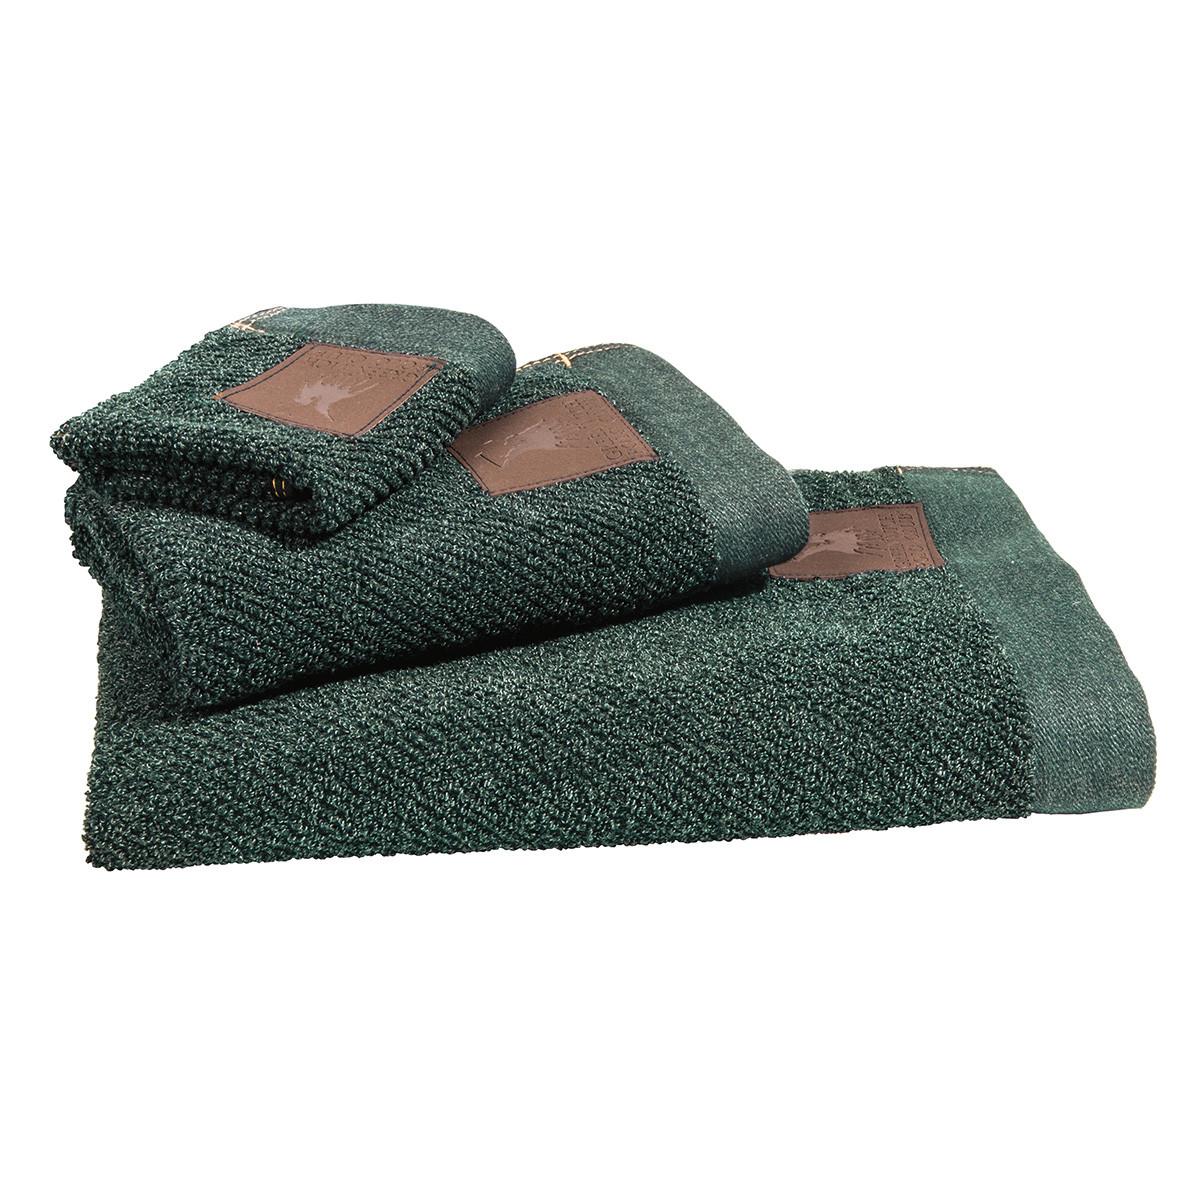 Πετσέτες Προσώπου (Σετ 2τμχ) Polo Club Essential 2526